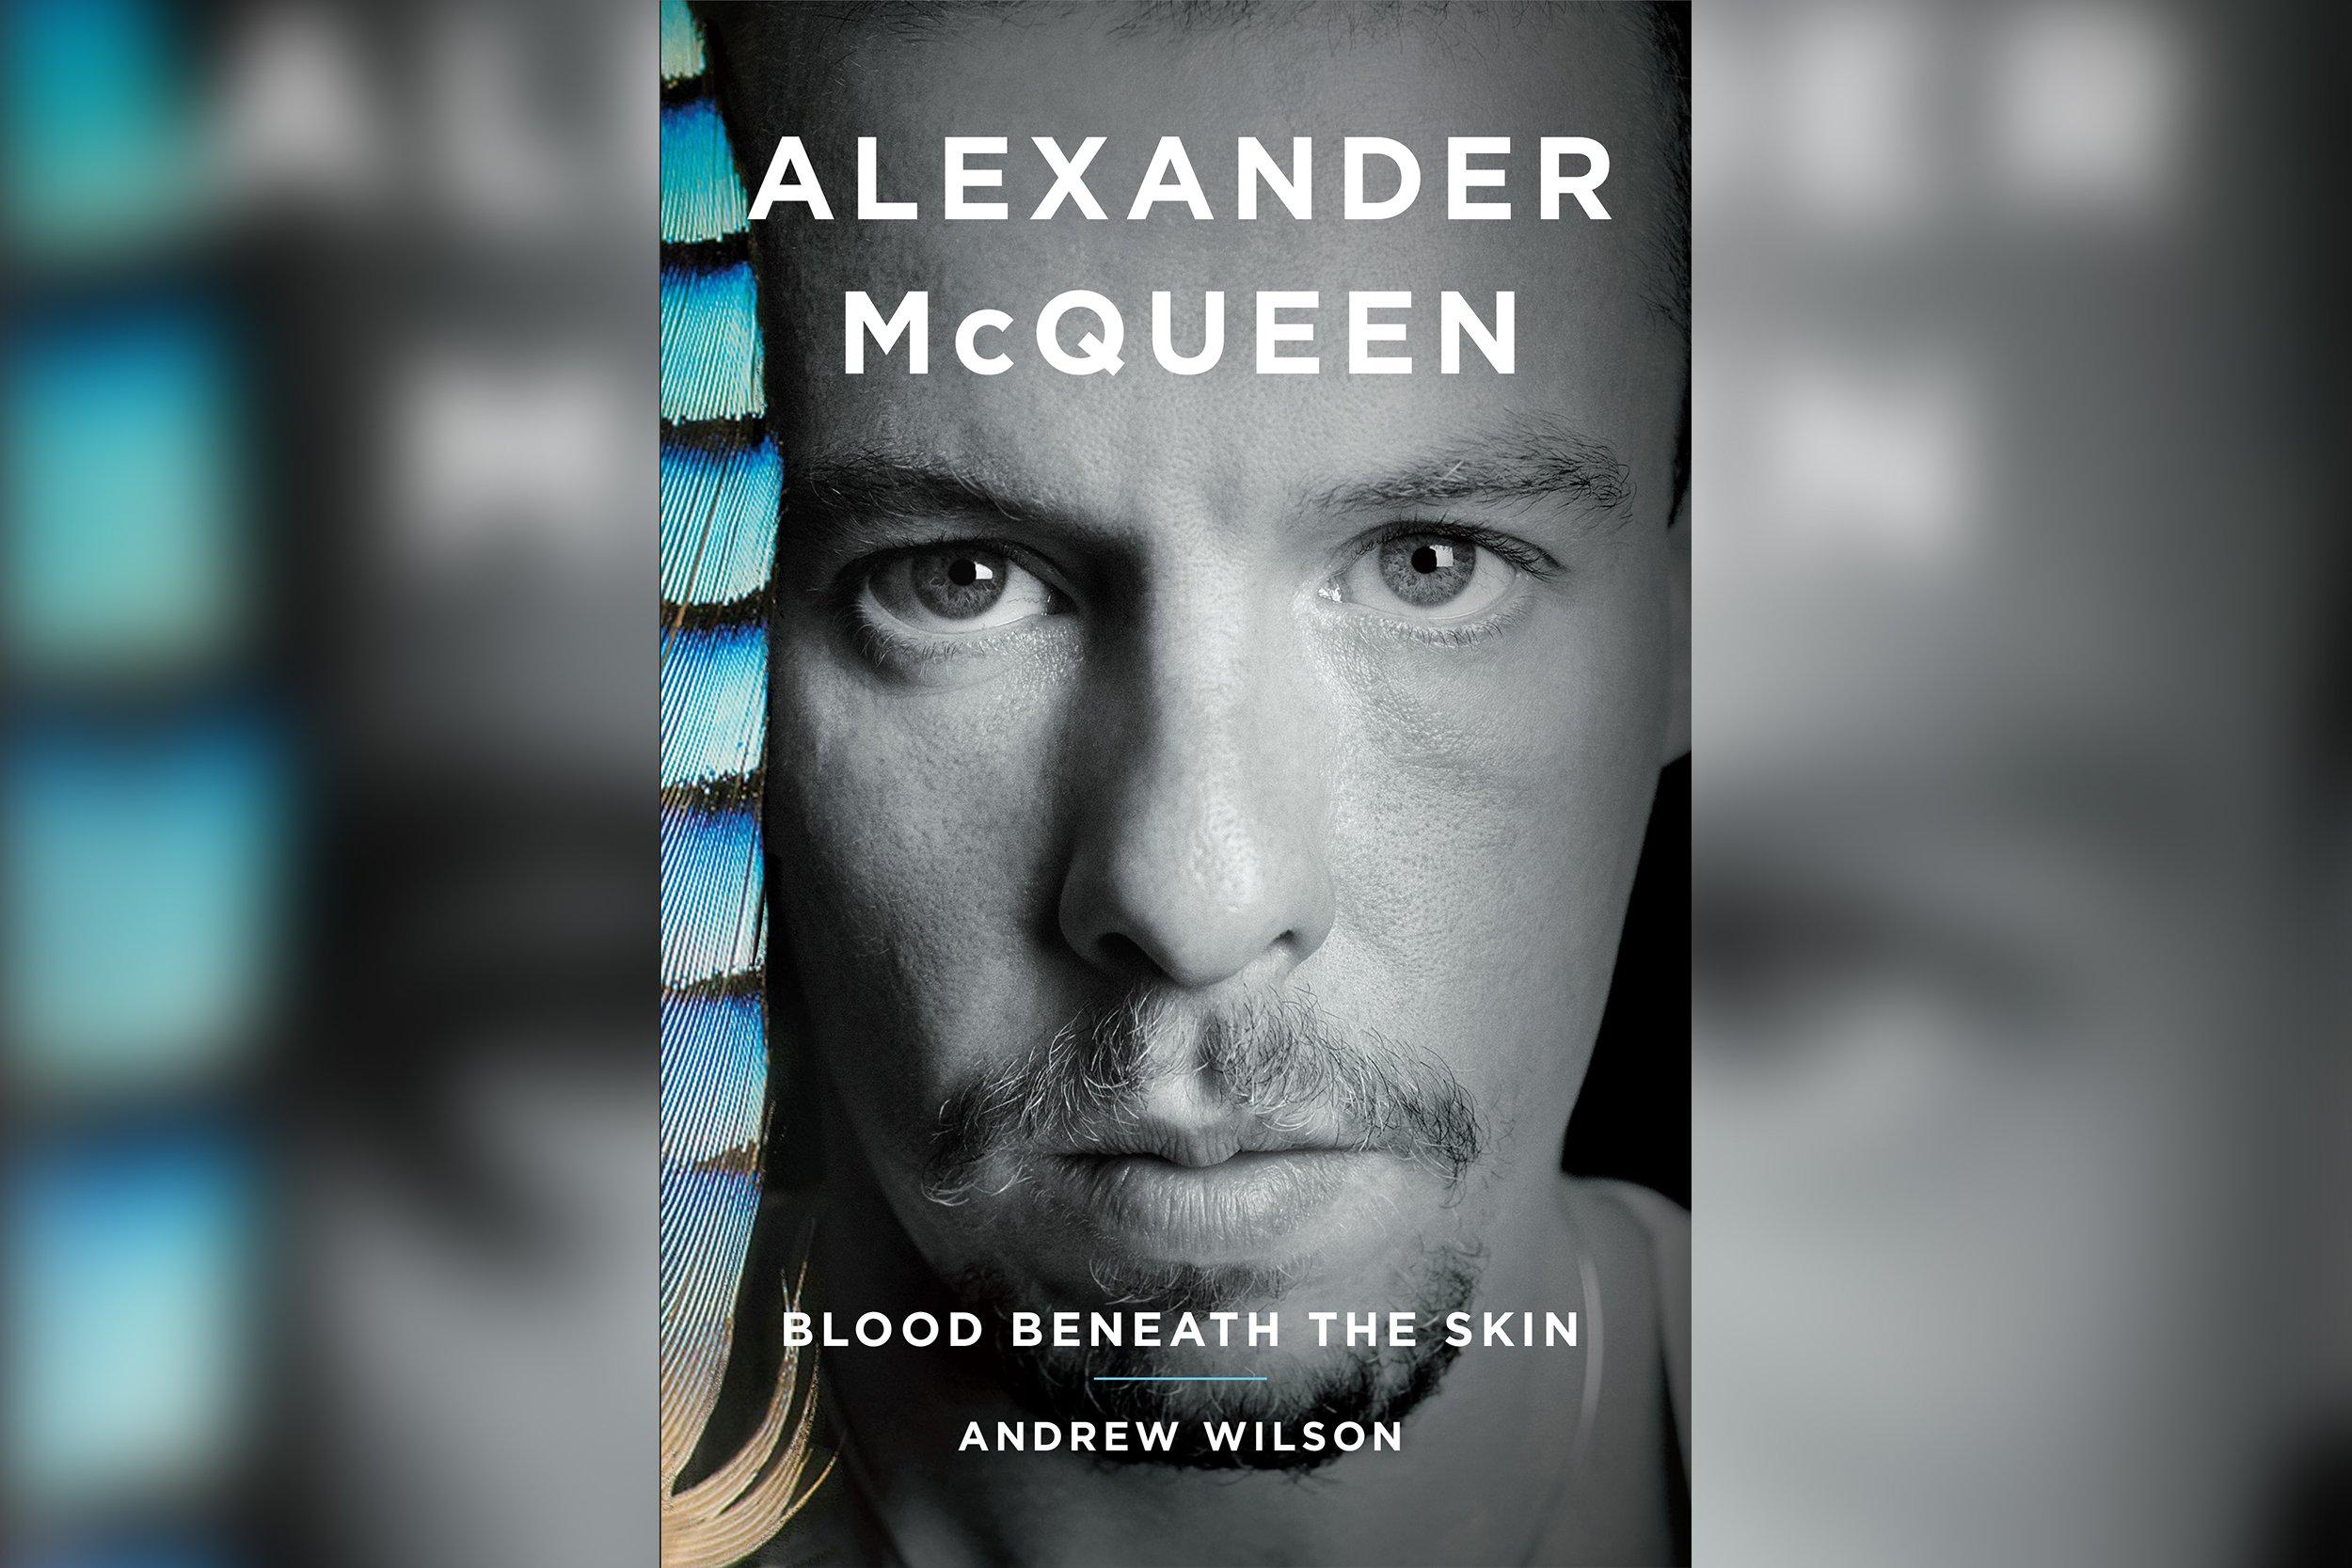 McQueen_cover_art